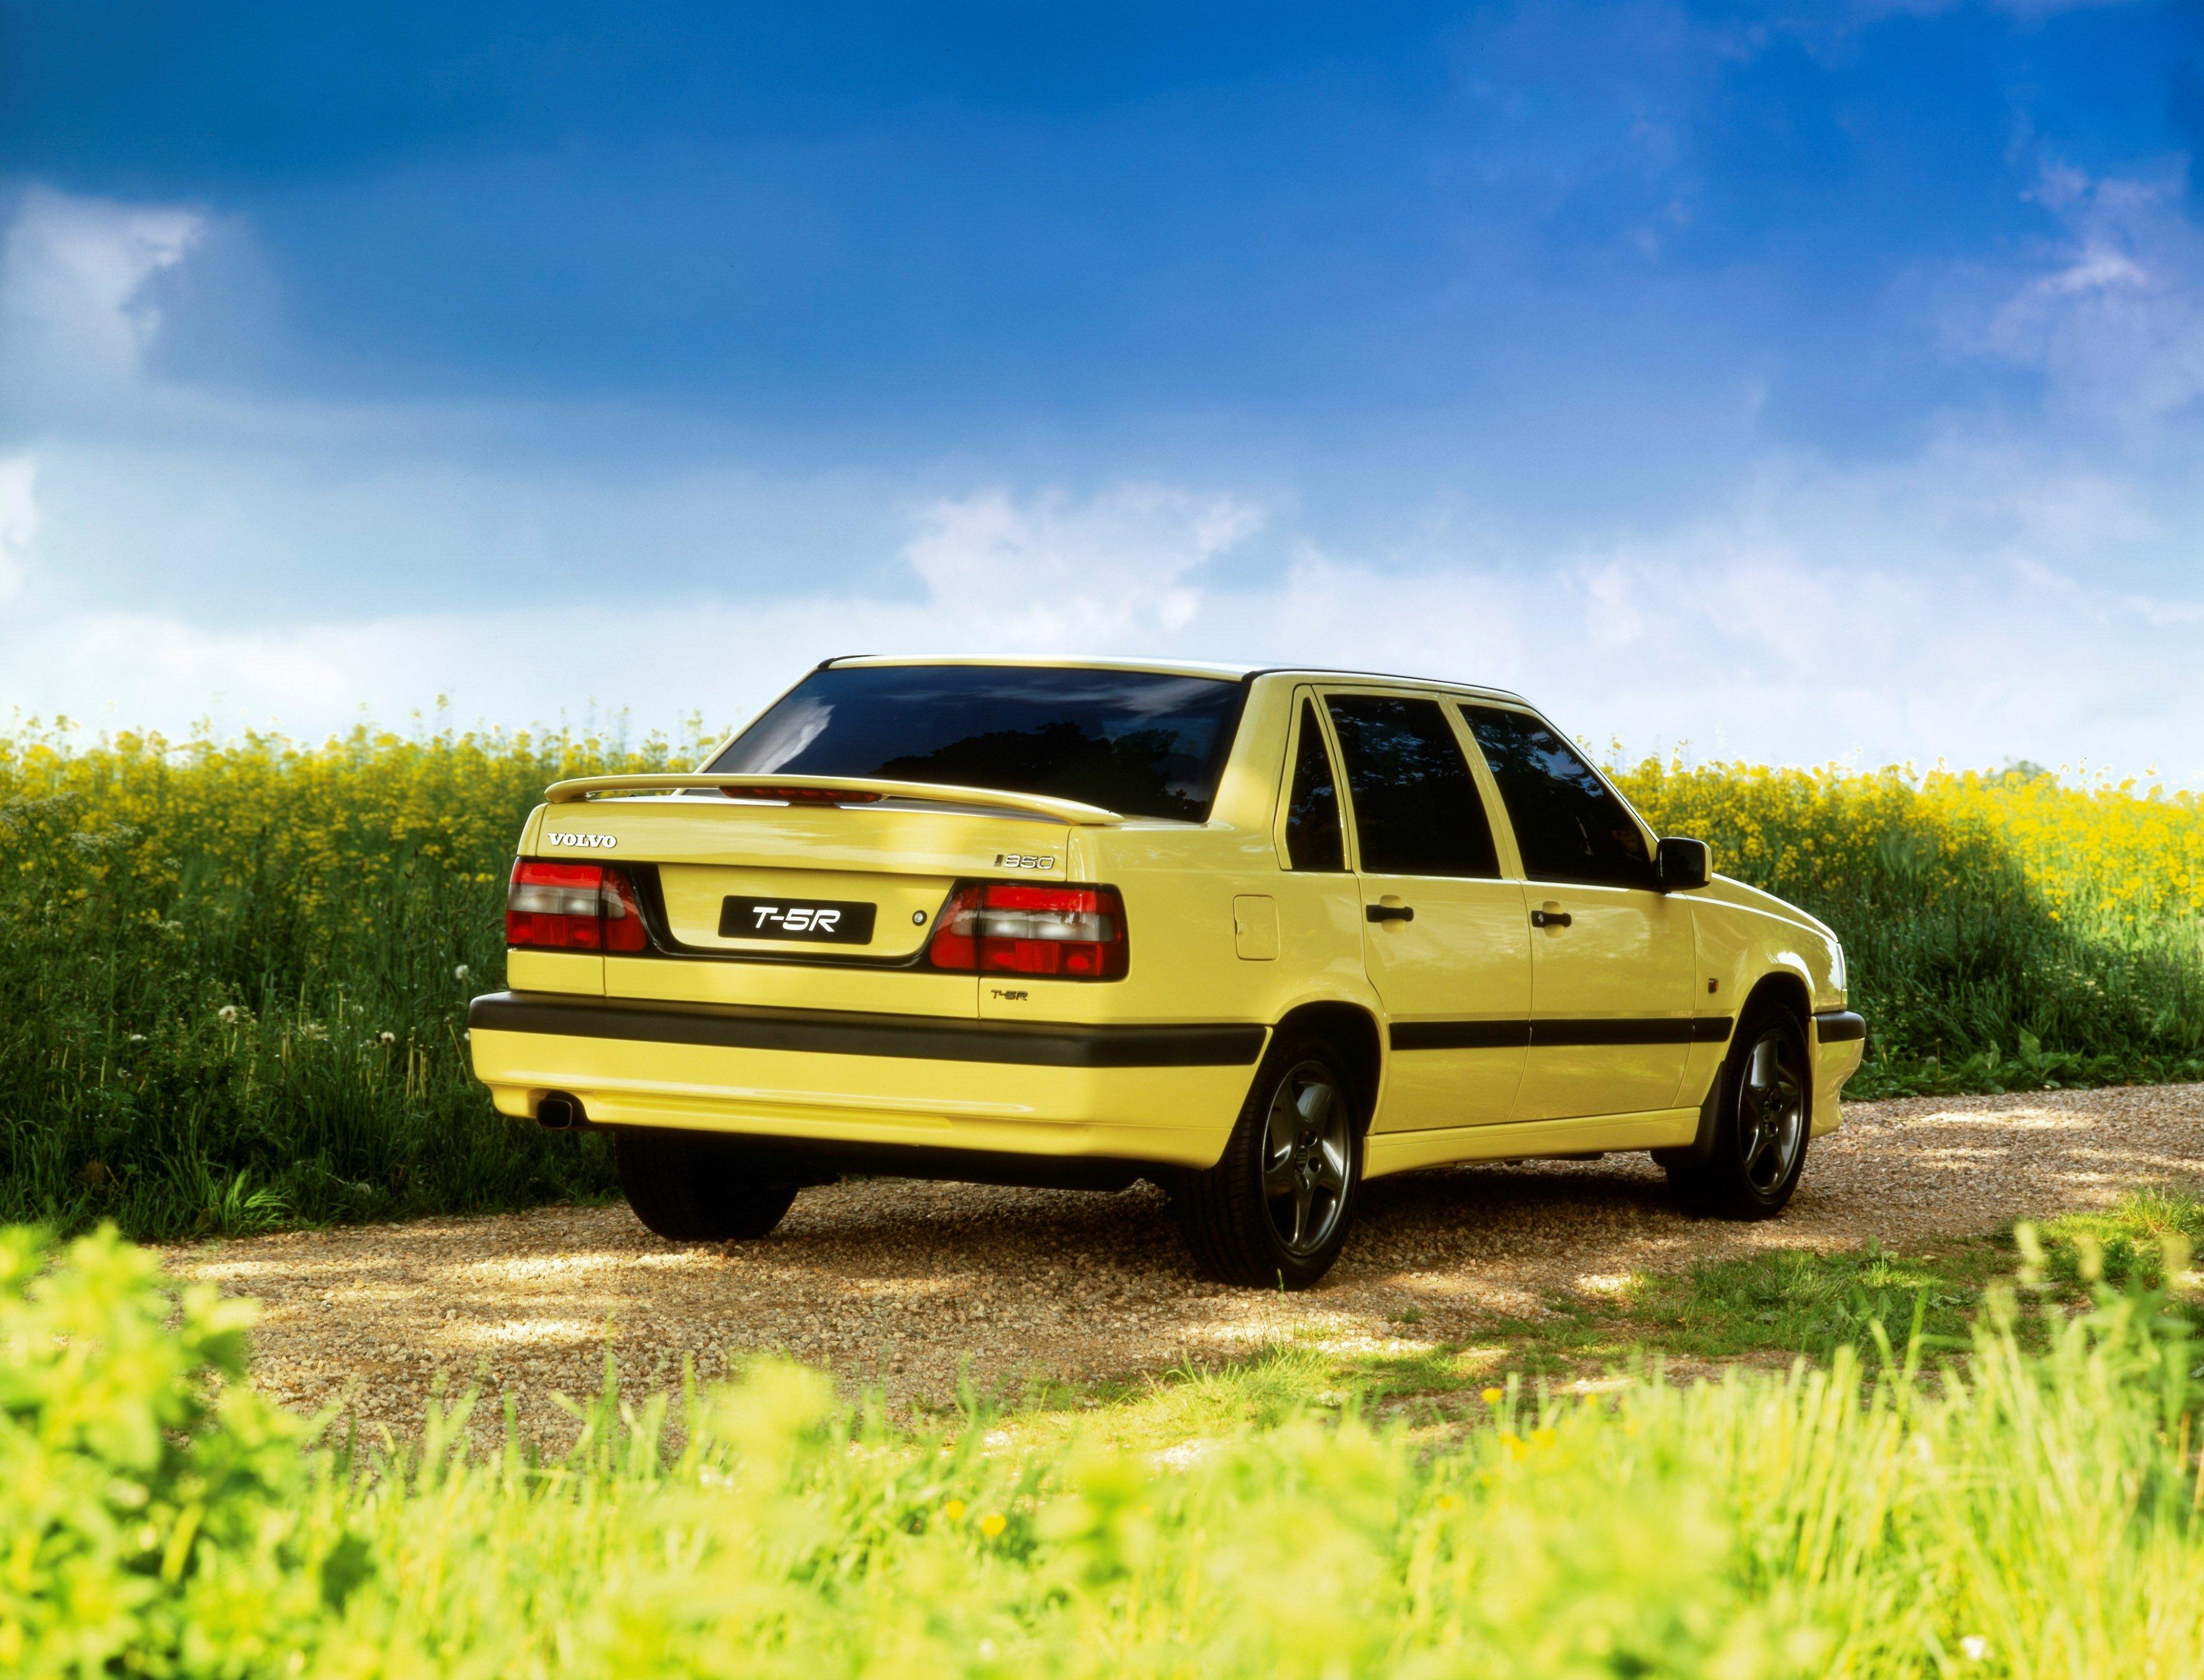 Affordable Vintage Models Volvo 850 Turbo rear 3-quarter